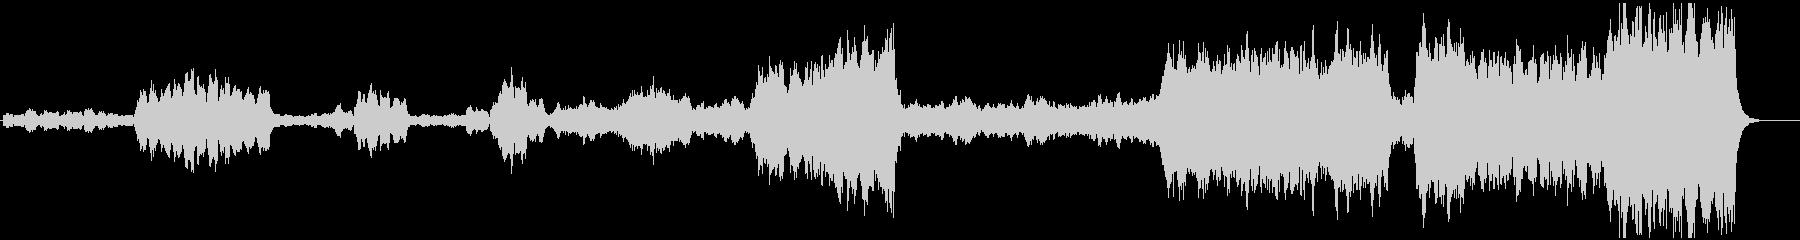 誰もが知ってるクラシック名曲シリーズ01の未再生の波形